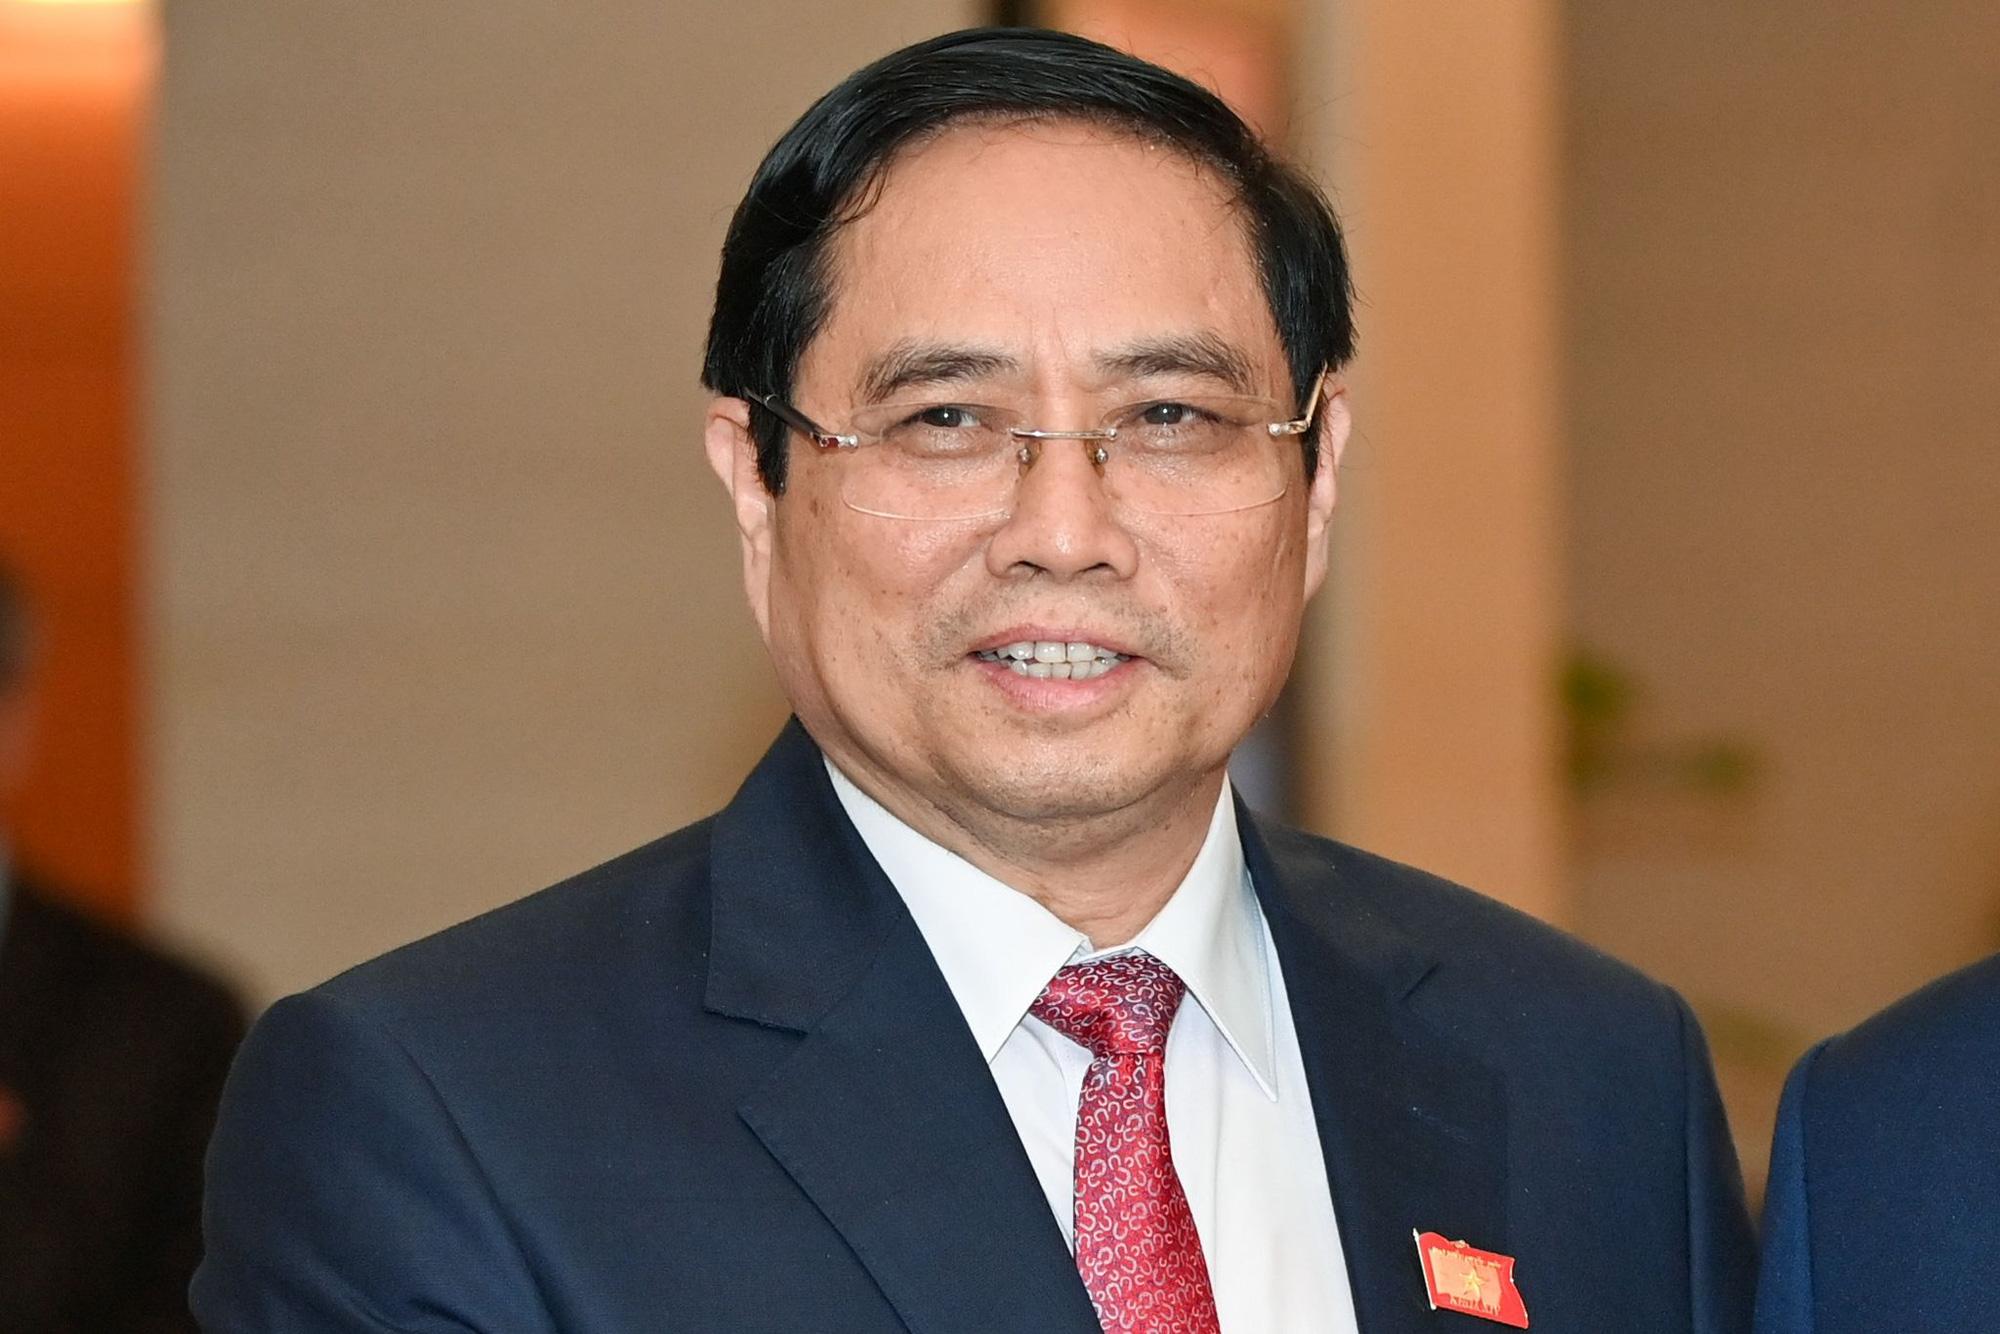 Phân công công tác của Thủ tướng và 5 Phó Thủ tướng Chính phủ